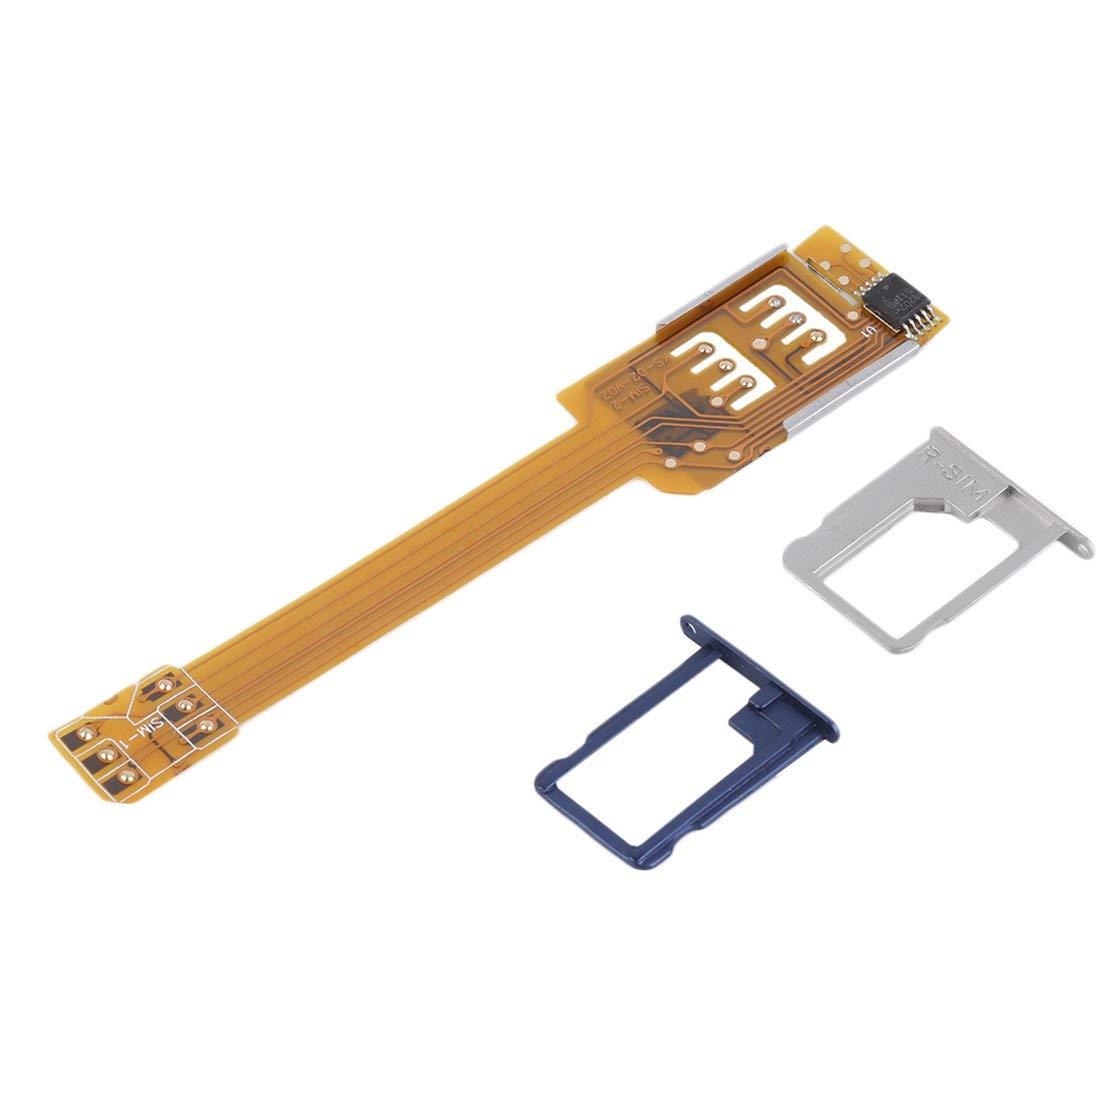 Adaptateur Double Carte SIM Jaune Dur pour téléphone Mobile Utiliser Deux Cartes SIM pour Samsung Pas Besoin de Couper Votre Carte SIM